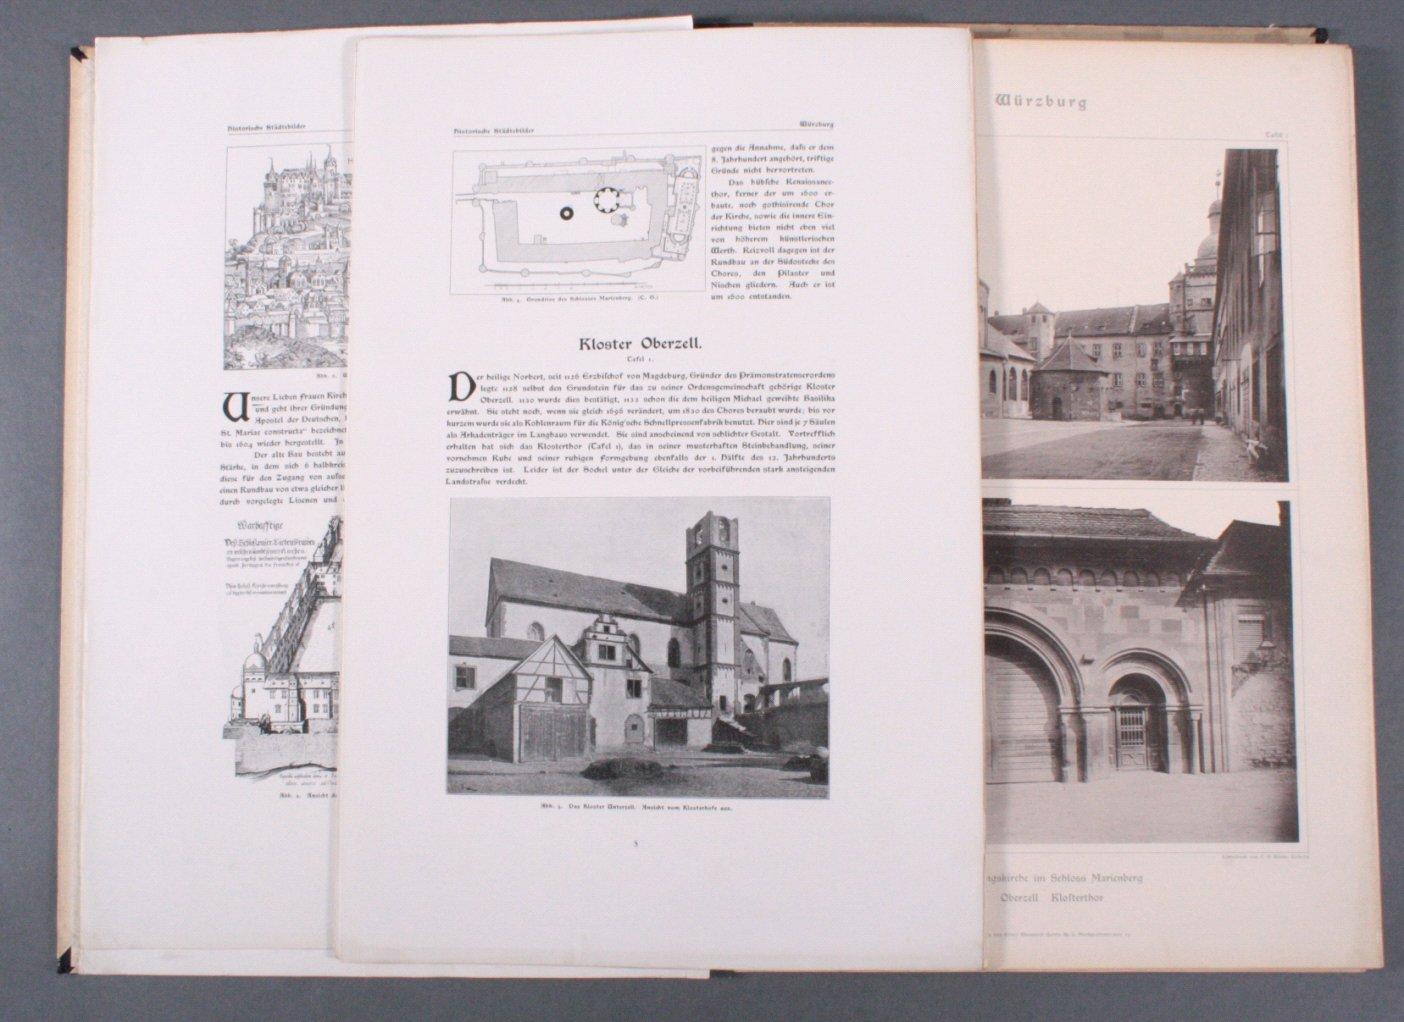 Historische Städtebilder, Serie 1, Band 2: Würzburg-1